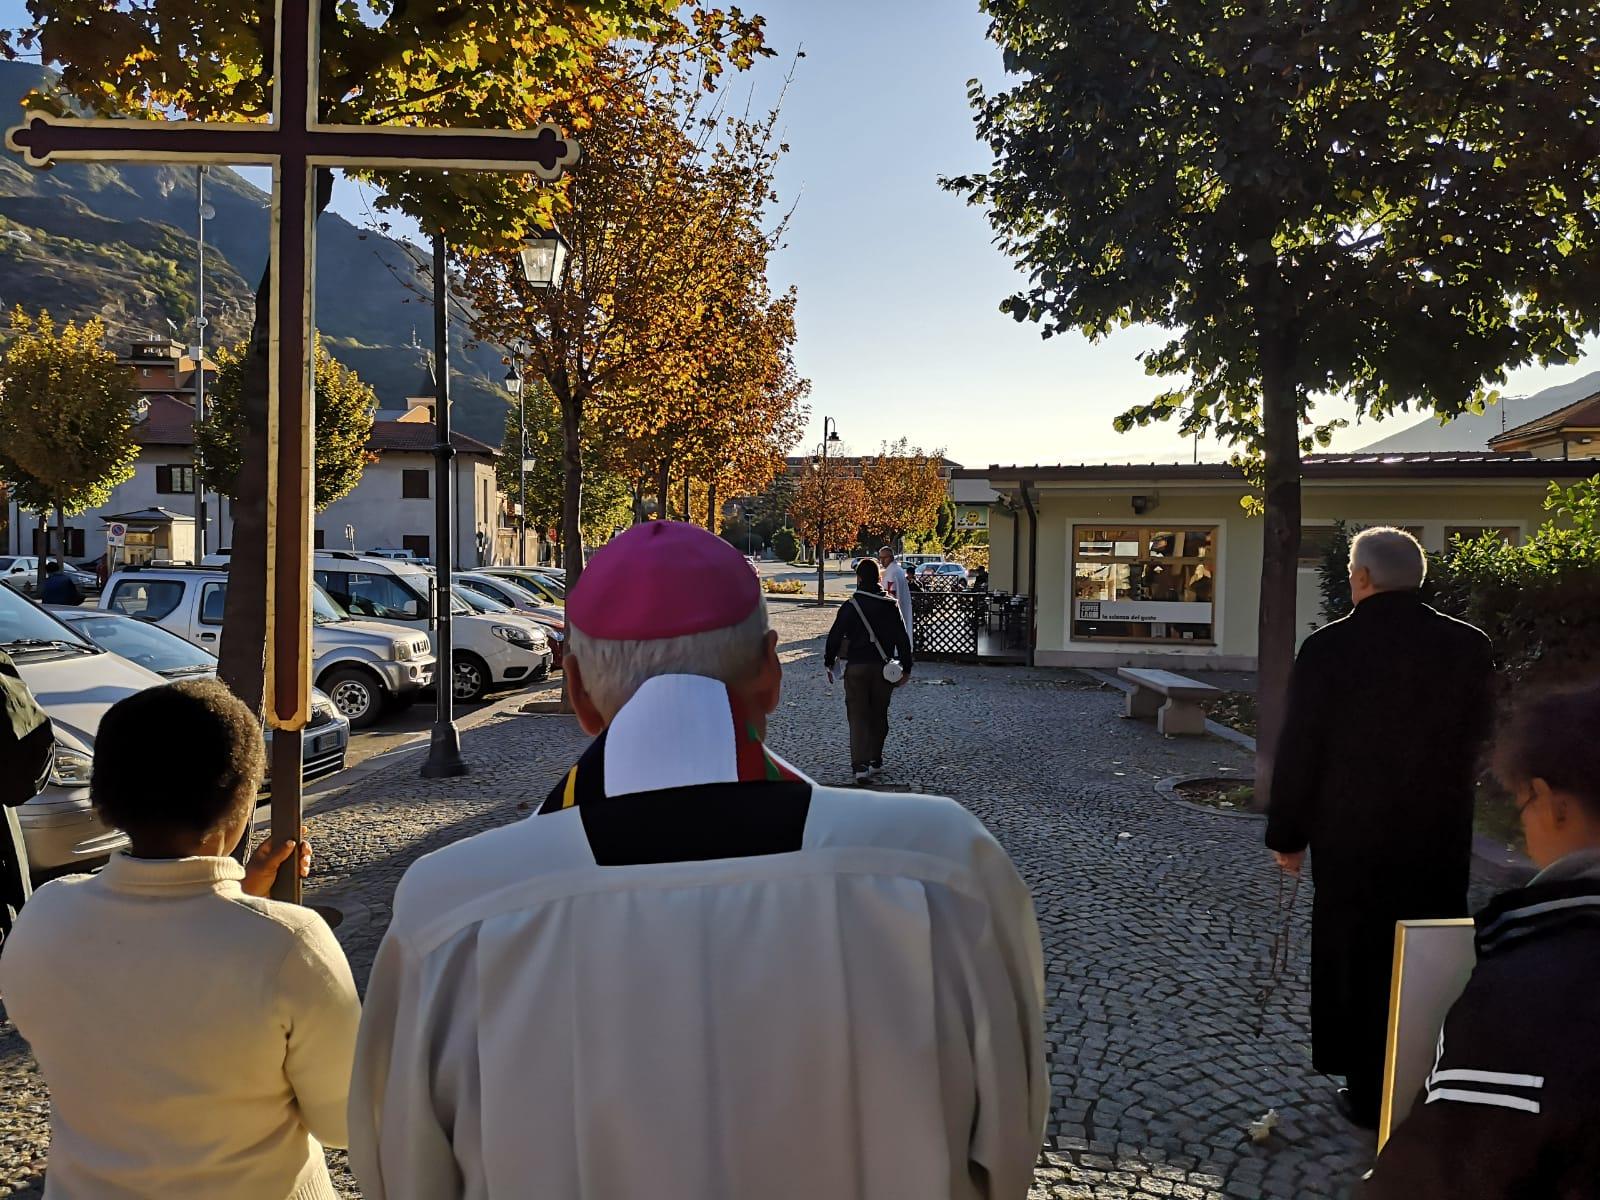 Processione in occasione del Rogazionaggio a SUSA (TO) con S.E. il Vescovo di Susa mons. Confalonieri